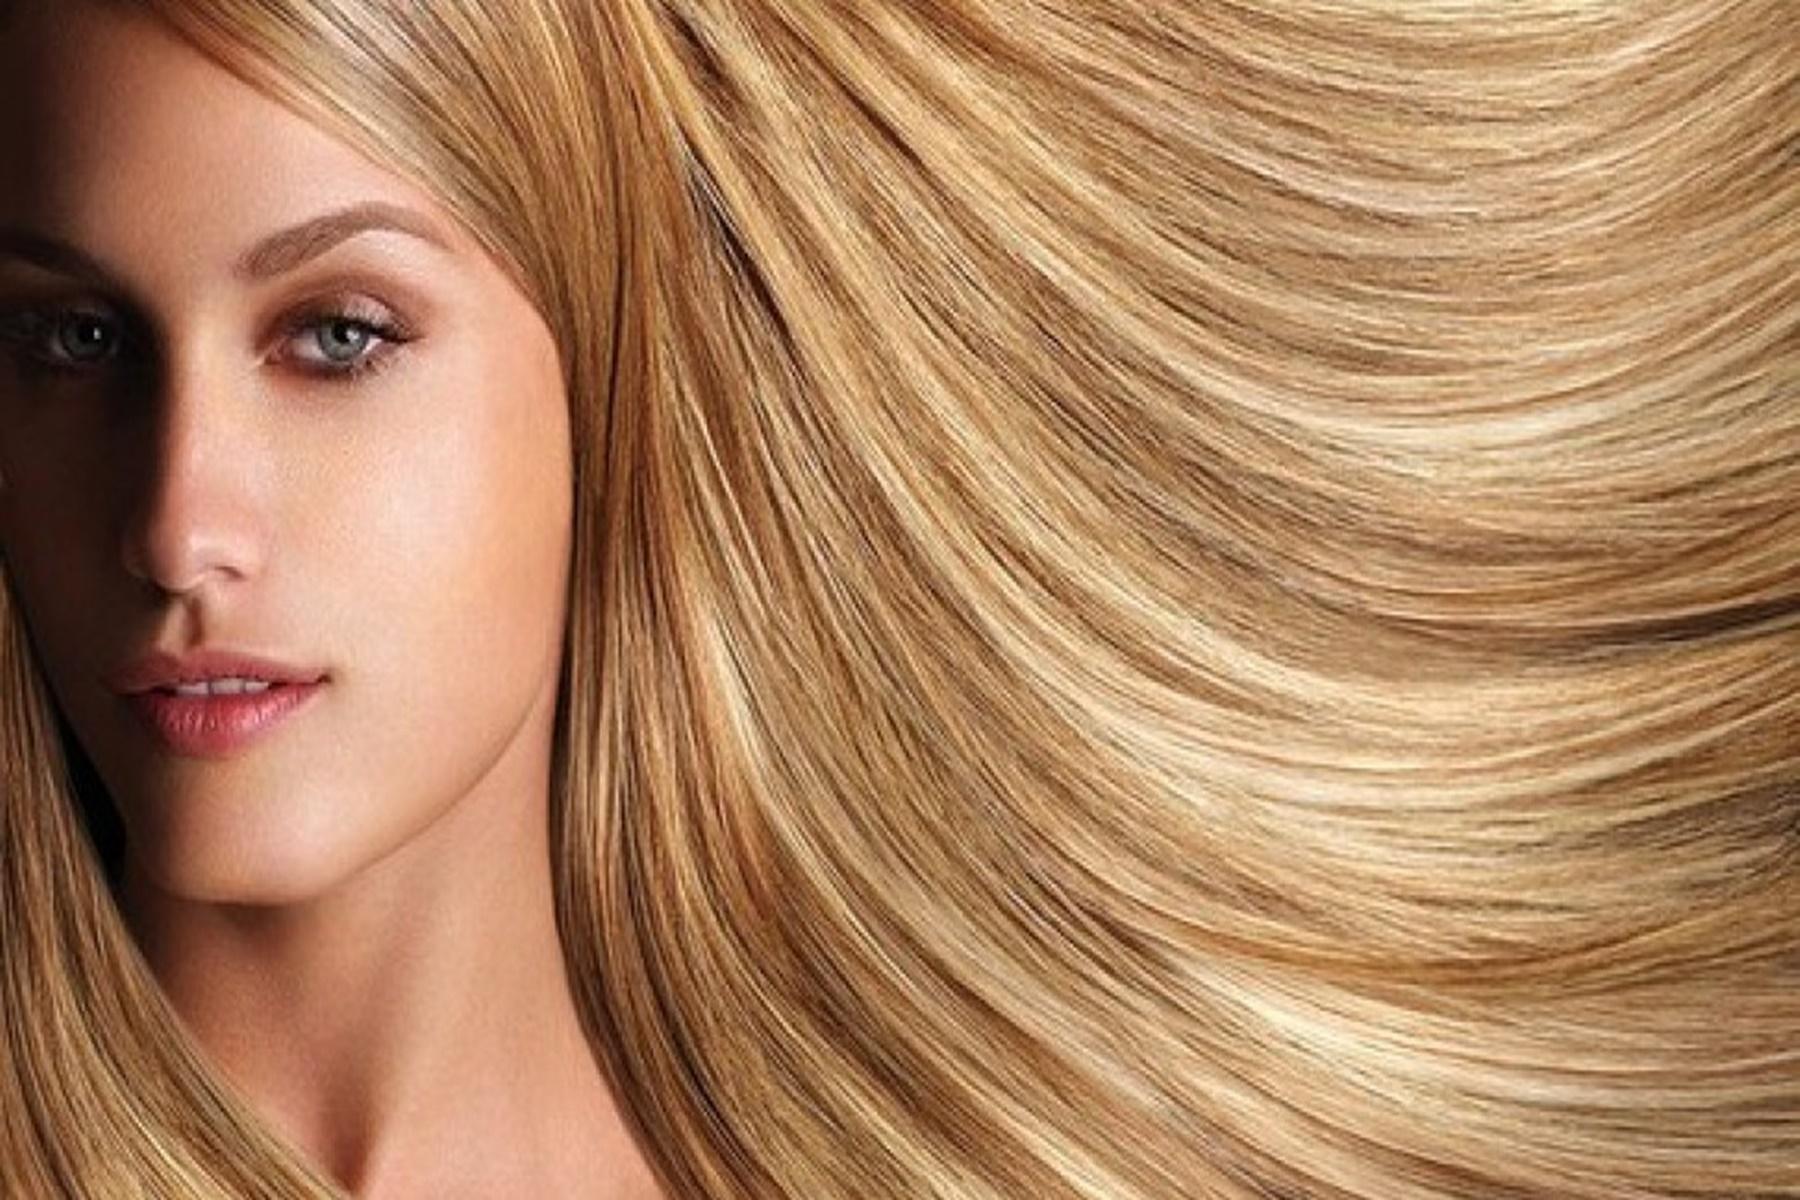 Υγιή μαλλιά : Τρόφιμα για να το επιτύχετε